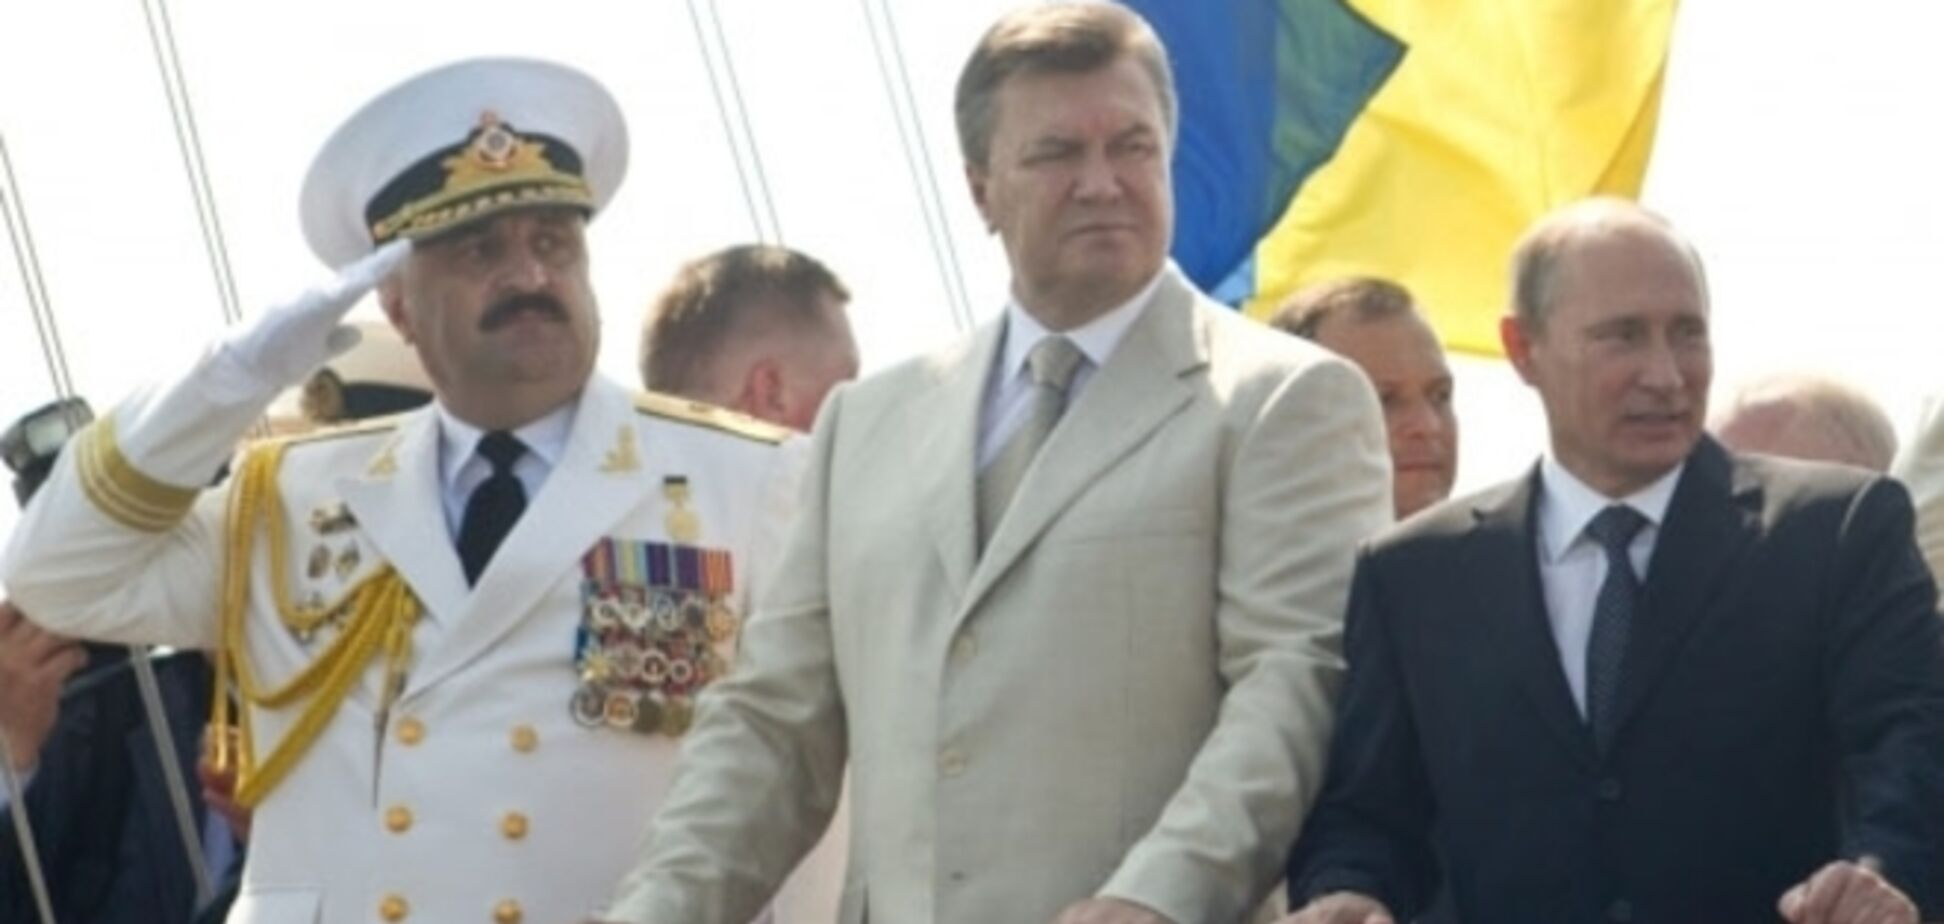 Приказавший зачистить Майдан экс-начальник Генштаба решил отсудить у Украины пенсию